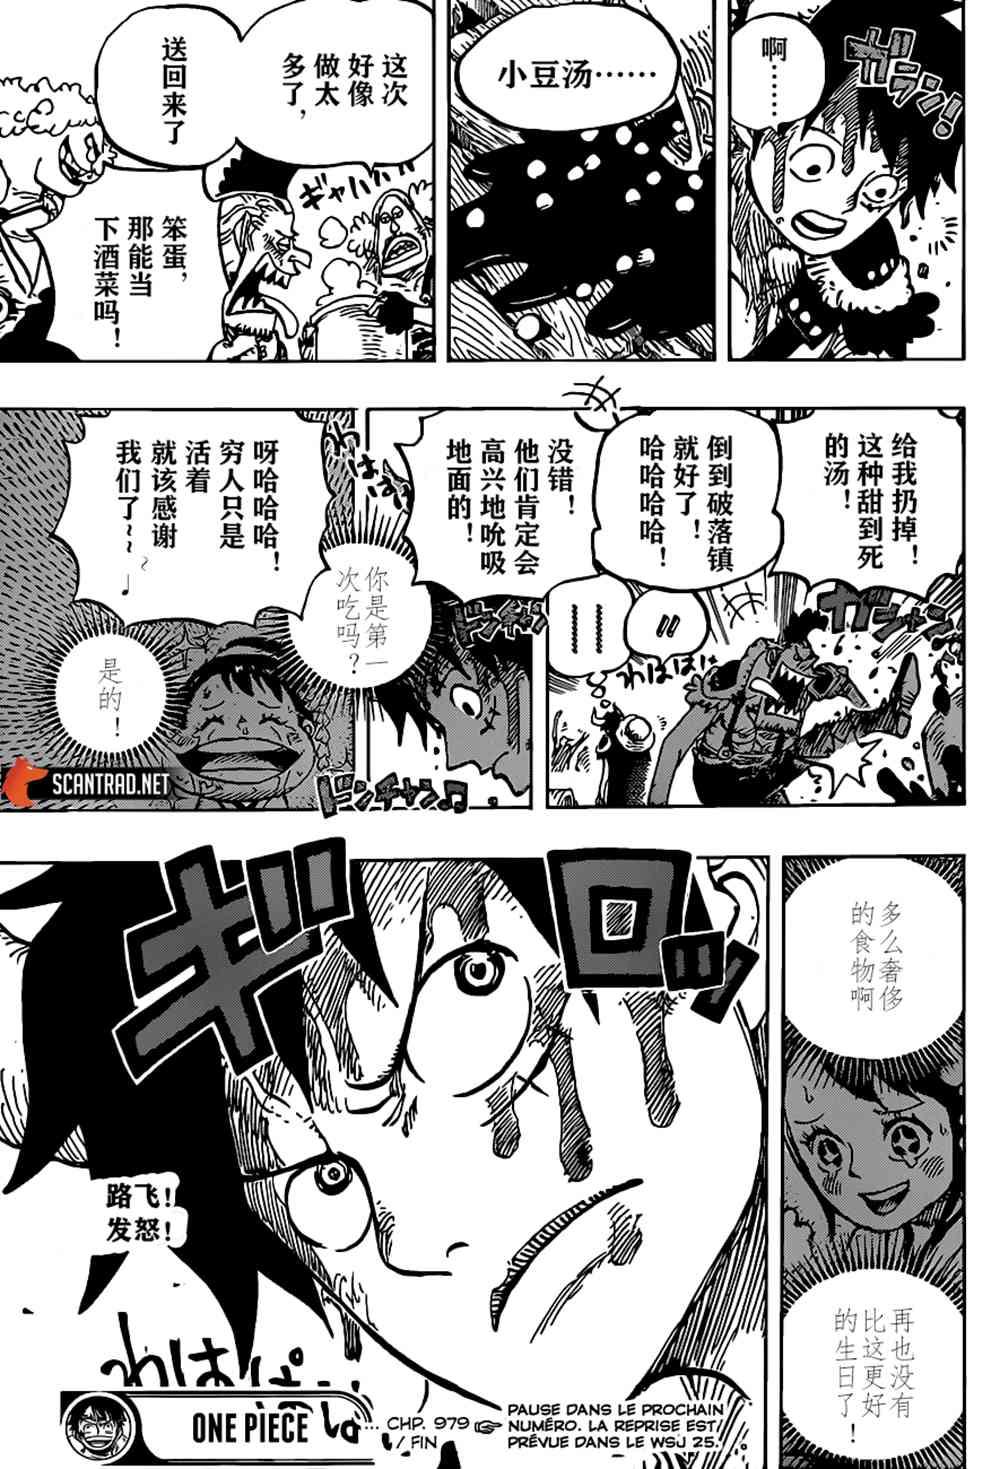 海賊王: 979话 家族问题 - 第16页